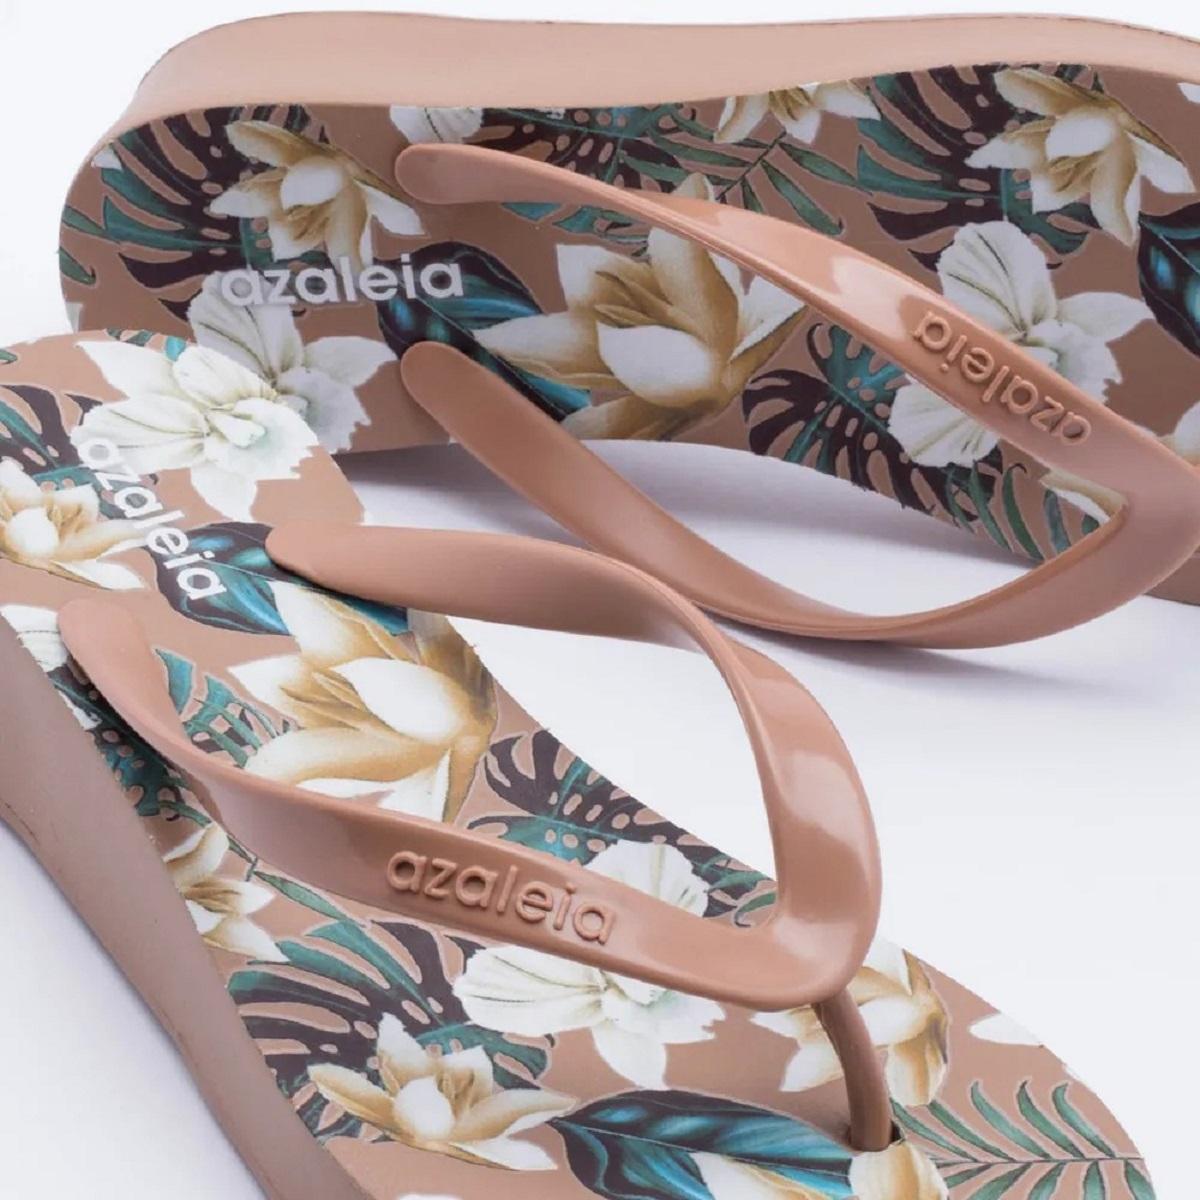 657db9cc4 Chinelo Tamanco Azaleia Tropical Feminino Anabela Capuccino Produto não  disponível